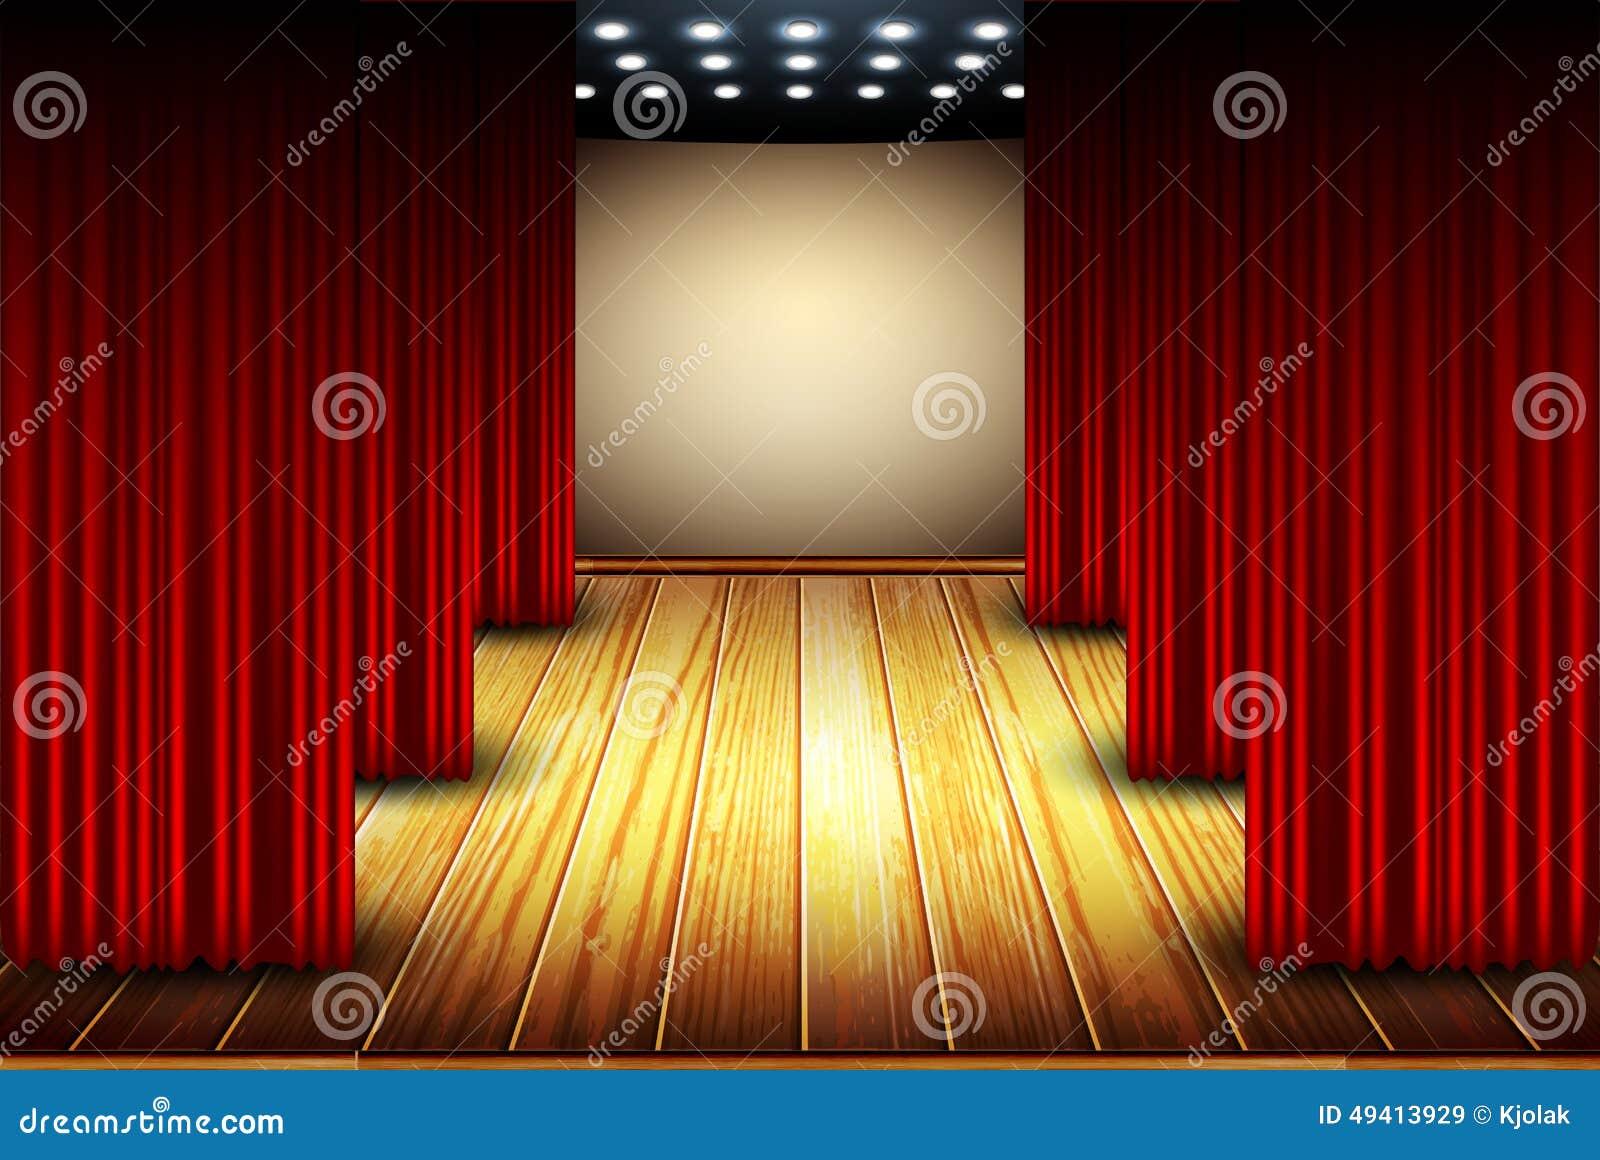 Download Theaterstadium vektor abbildung. Illustration von film - 49413929